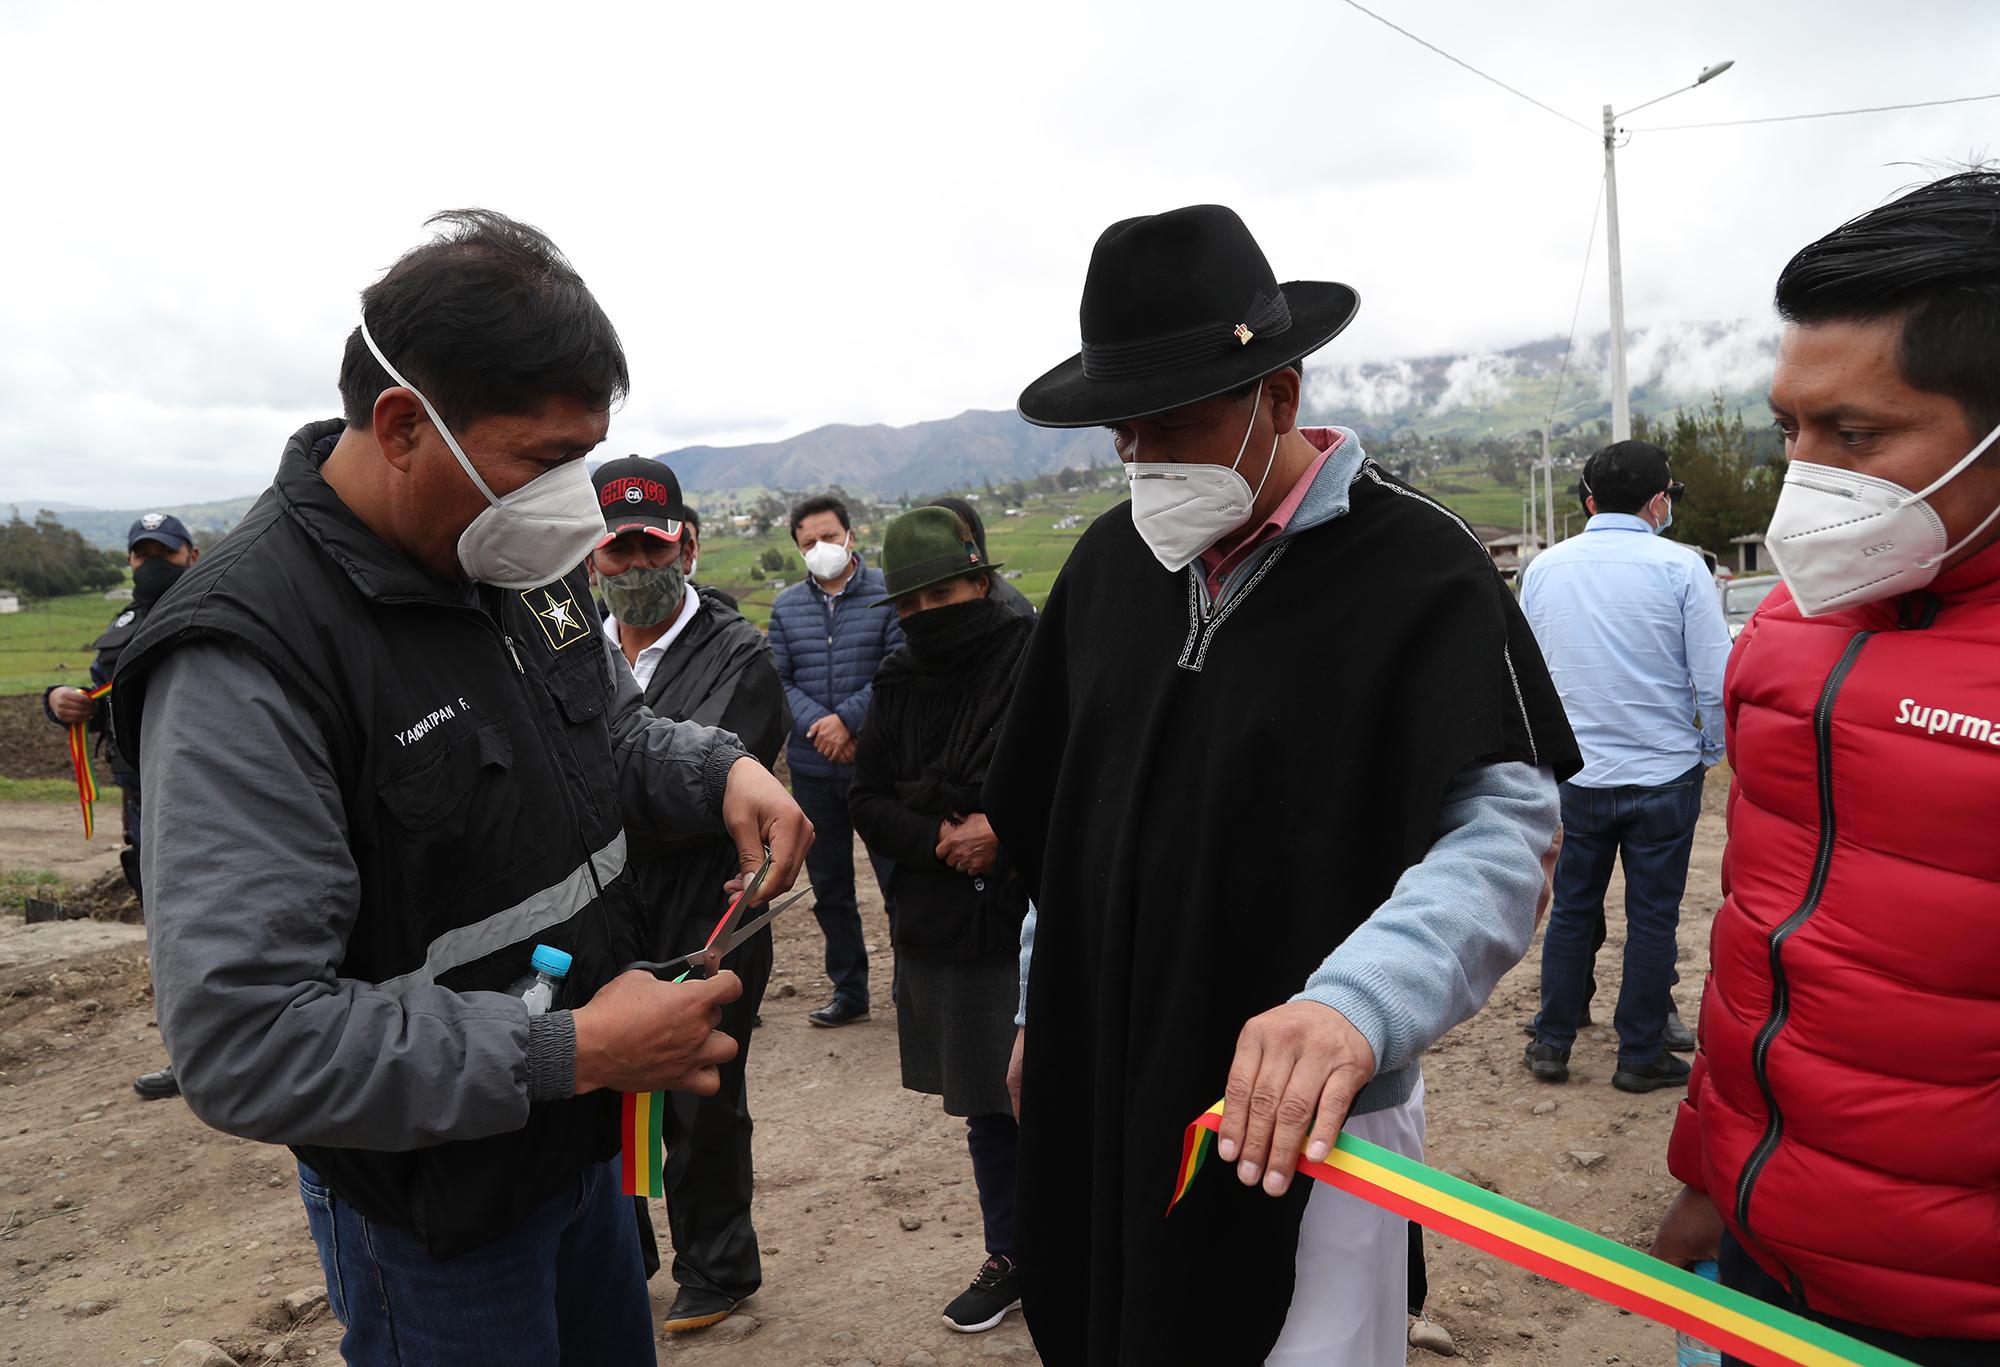 INAUGURACIÓN DEL ALCANTARILLADO EN LA COMUNIDAD DE CHAUPILOMA